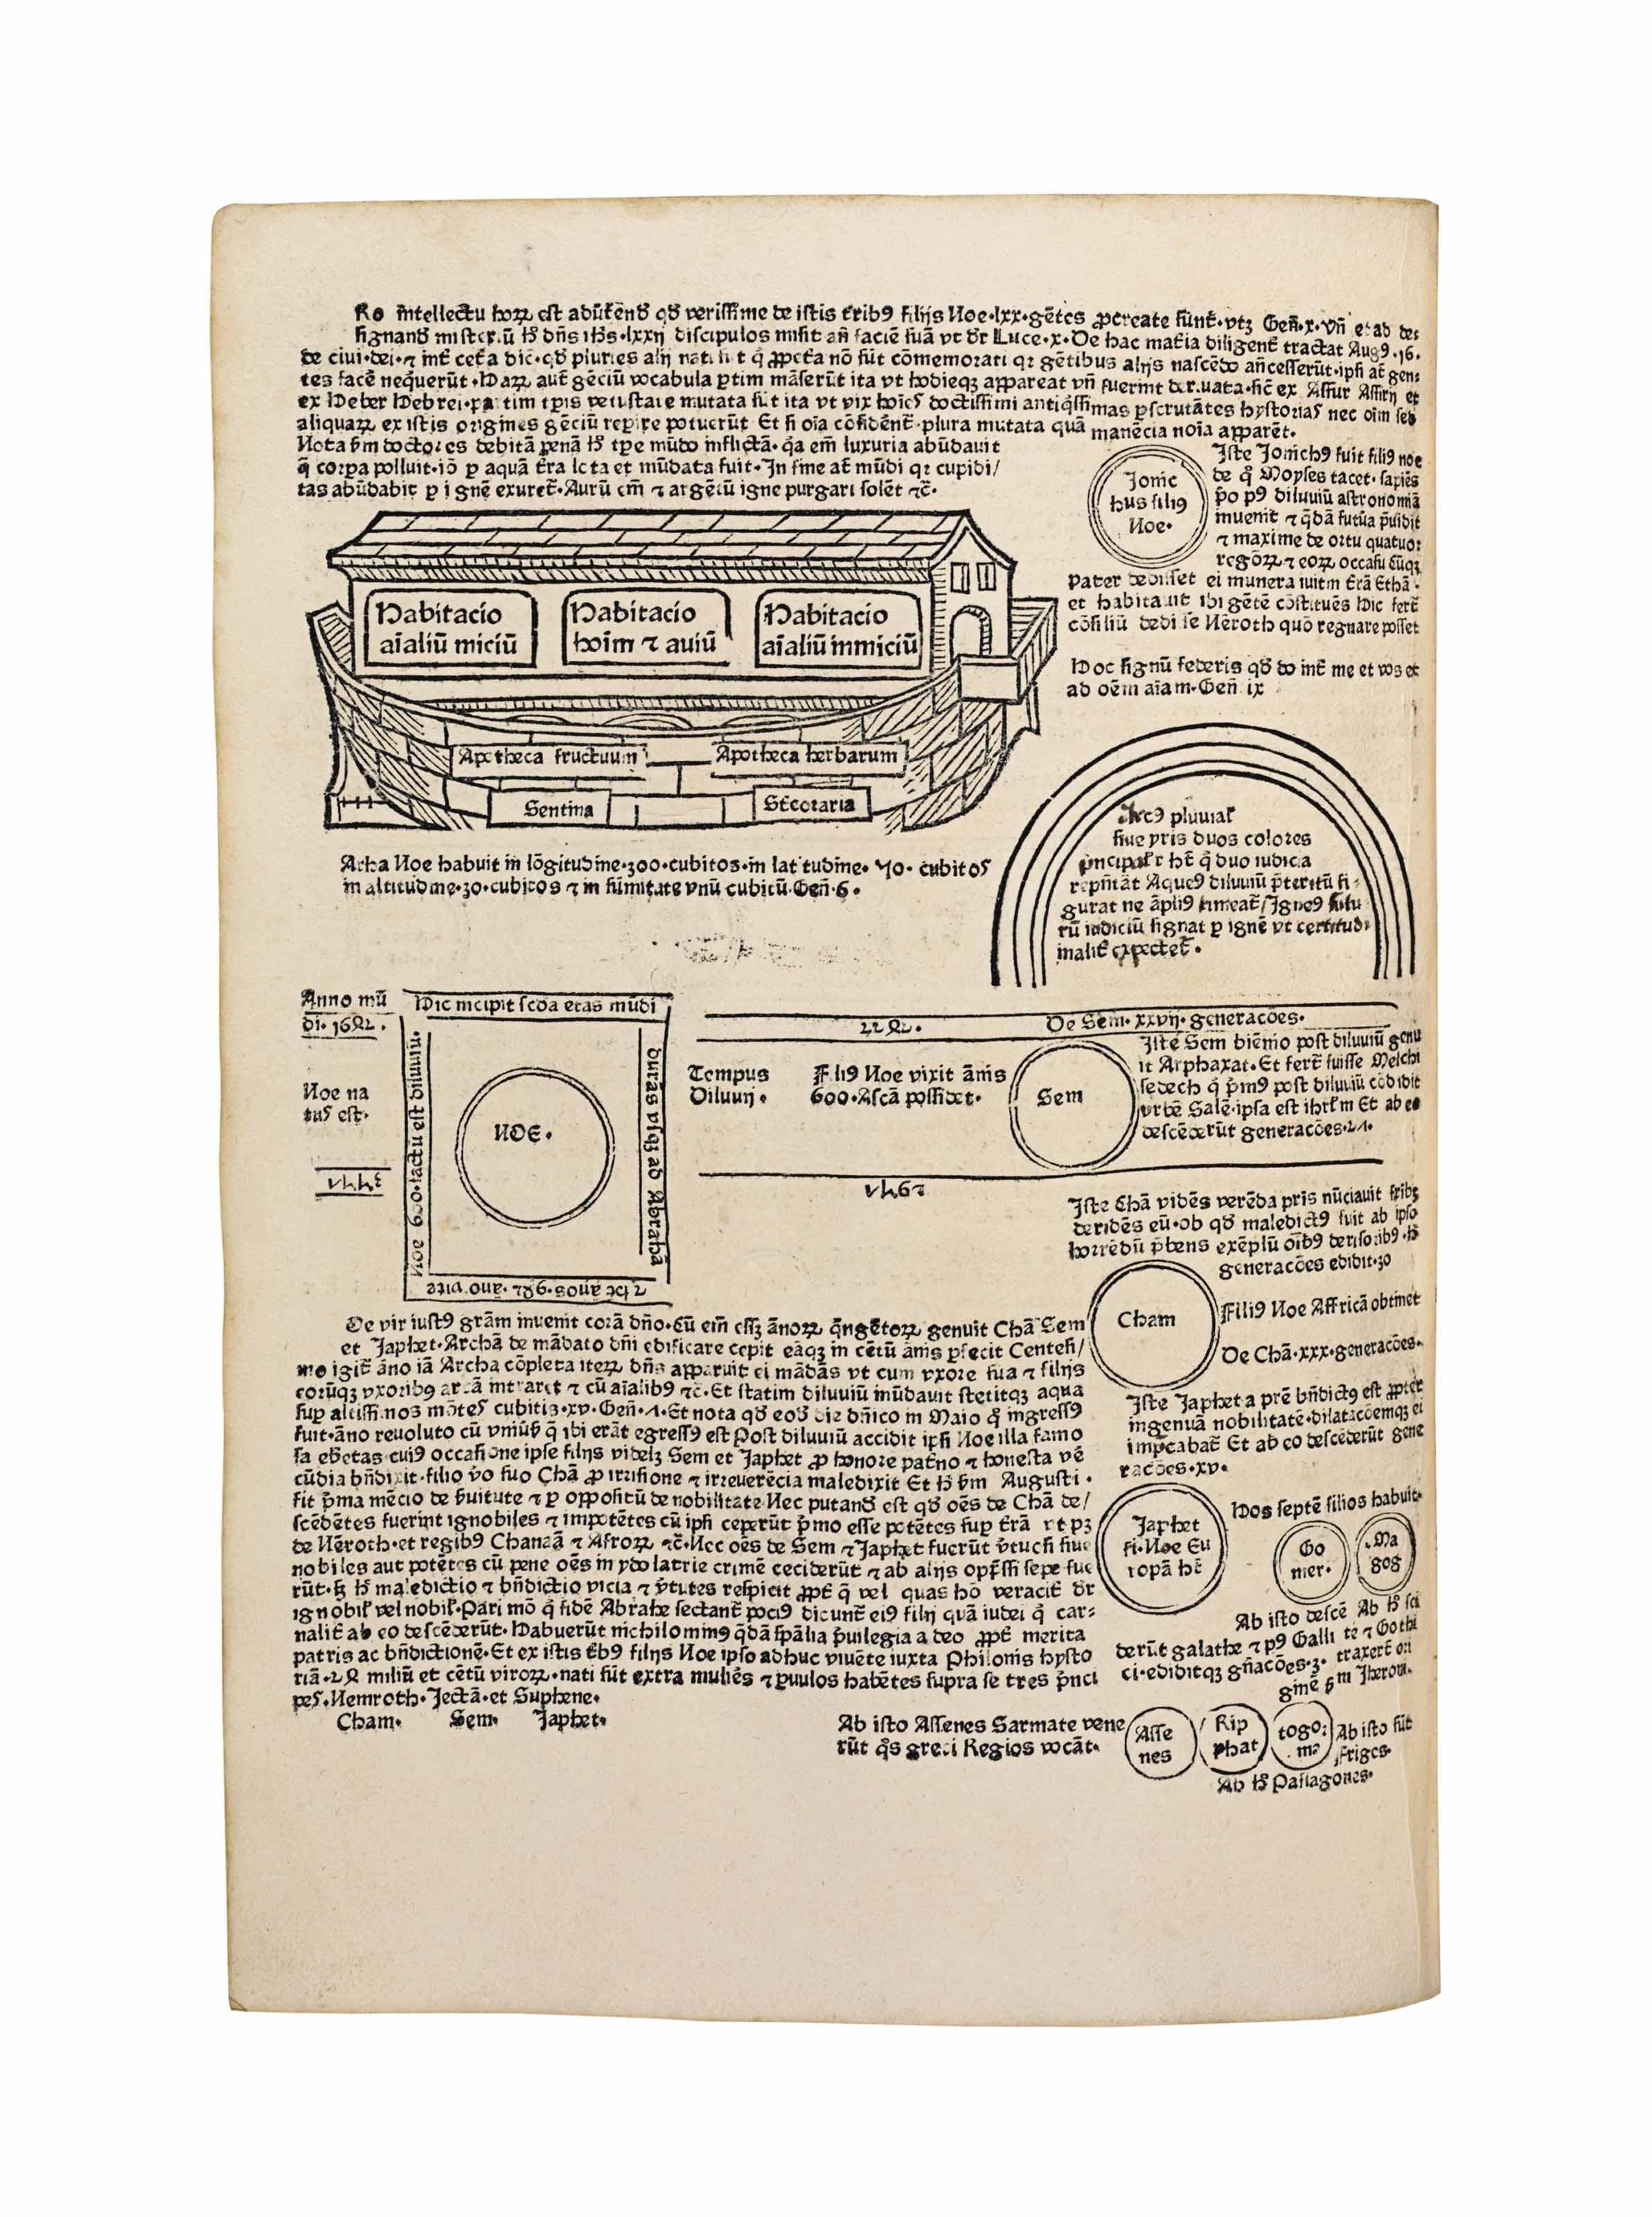 ROLEWINCK, Werner (1425-1502).